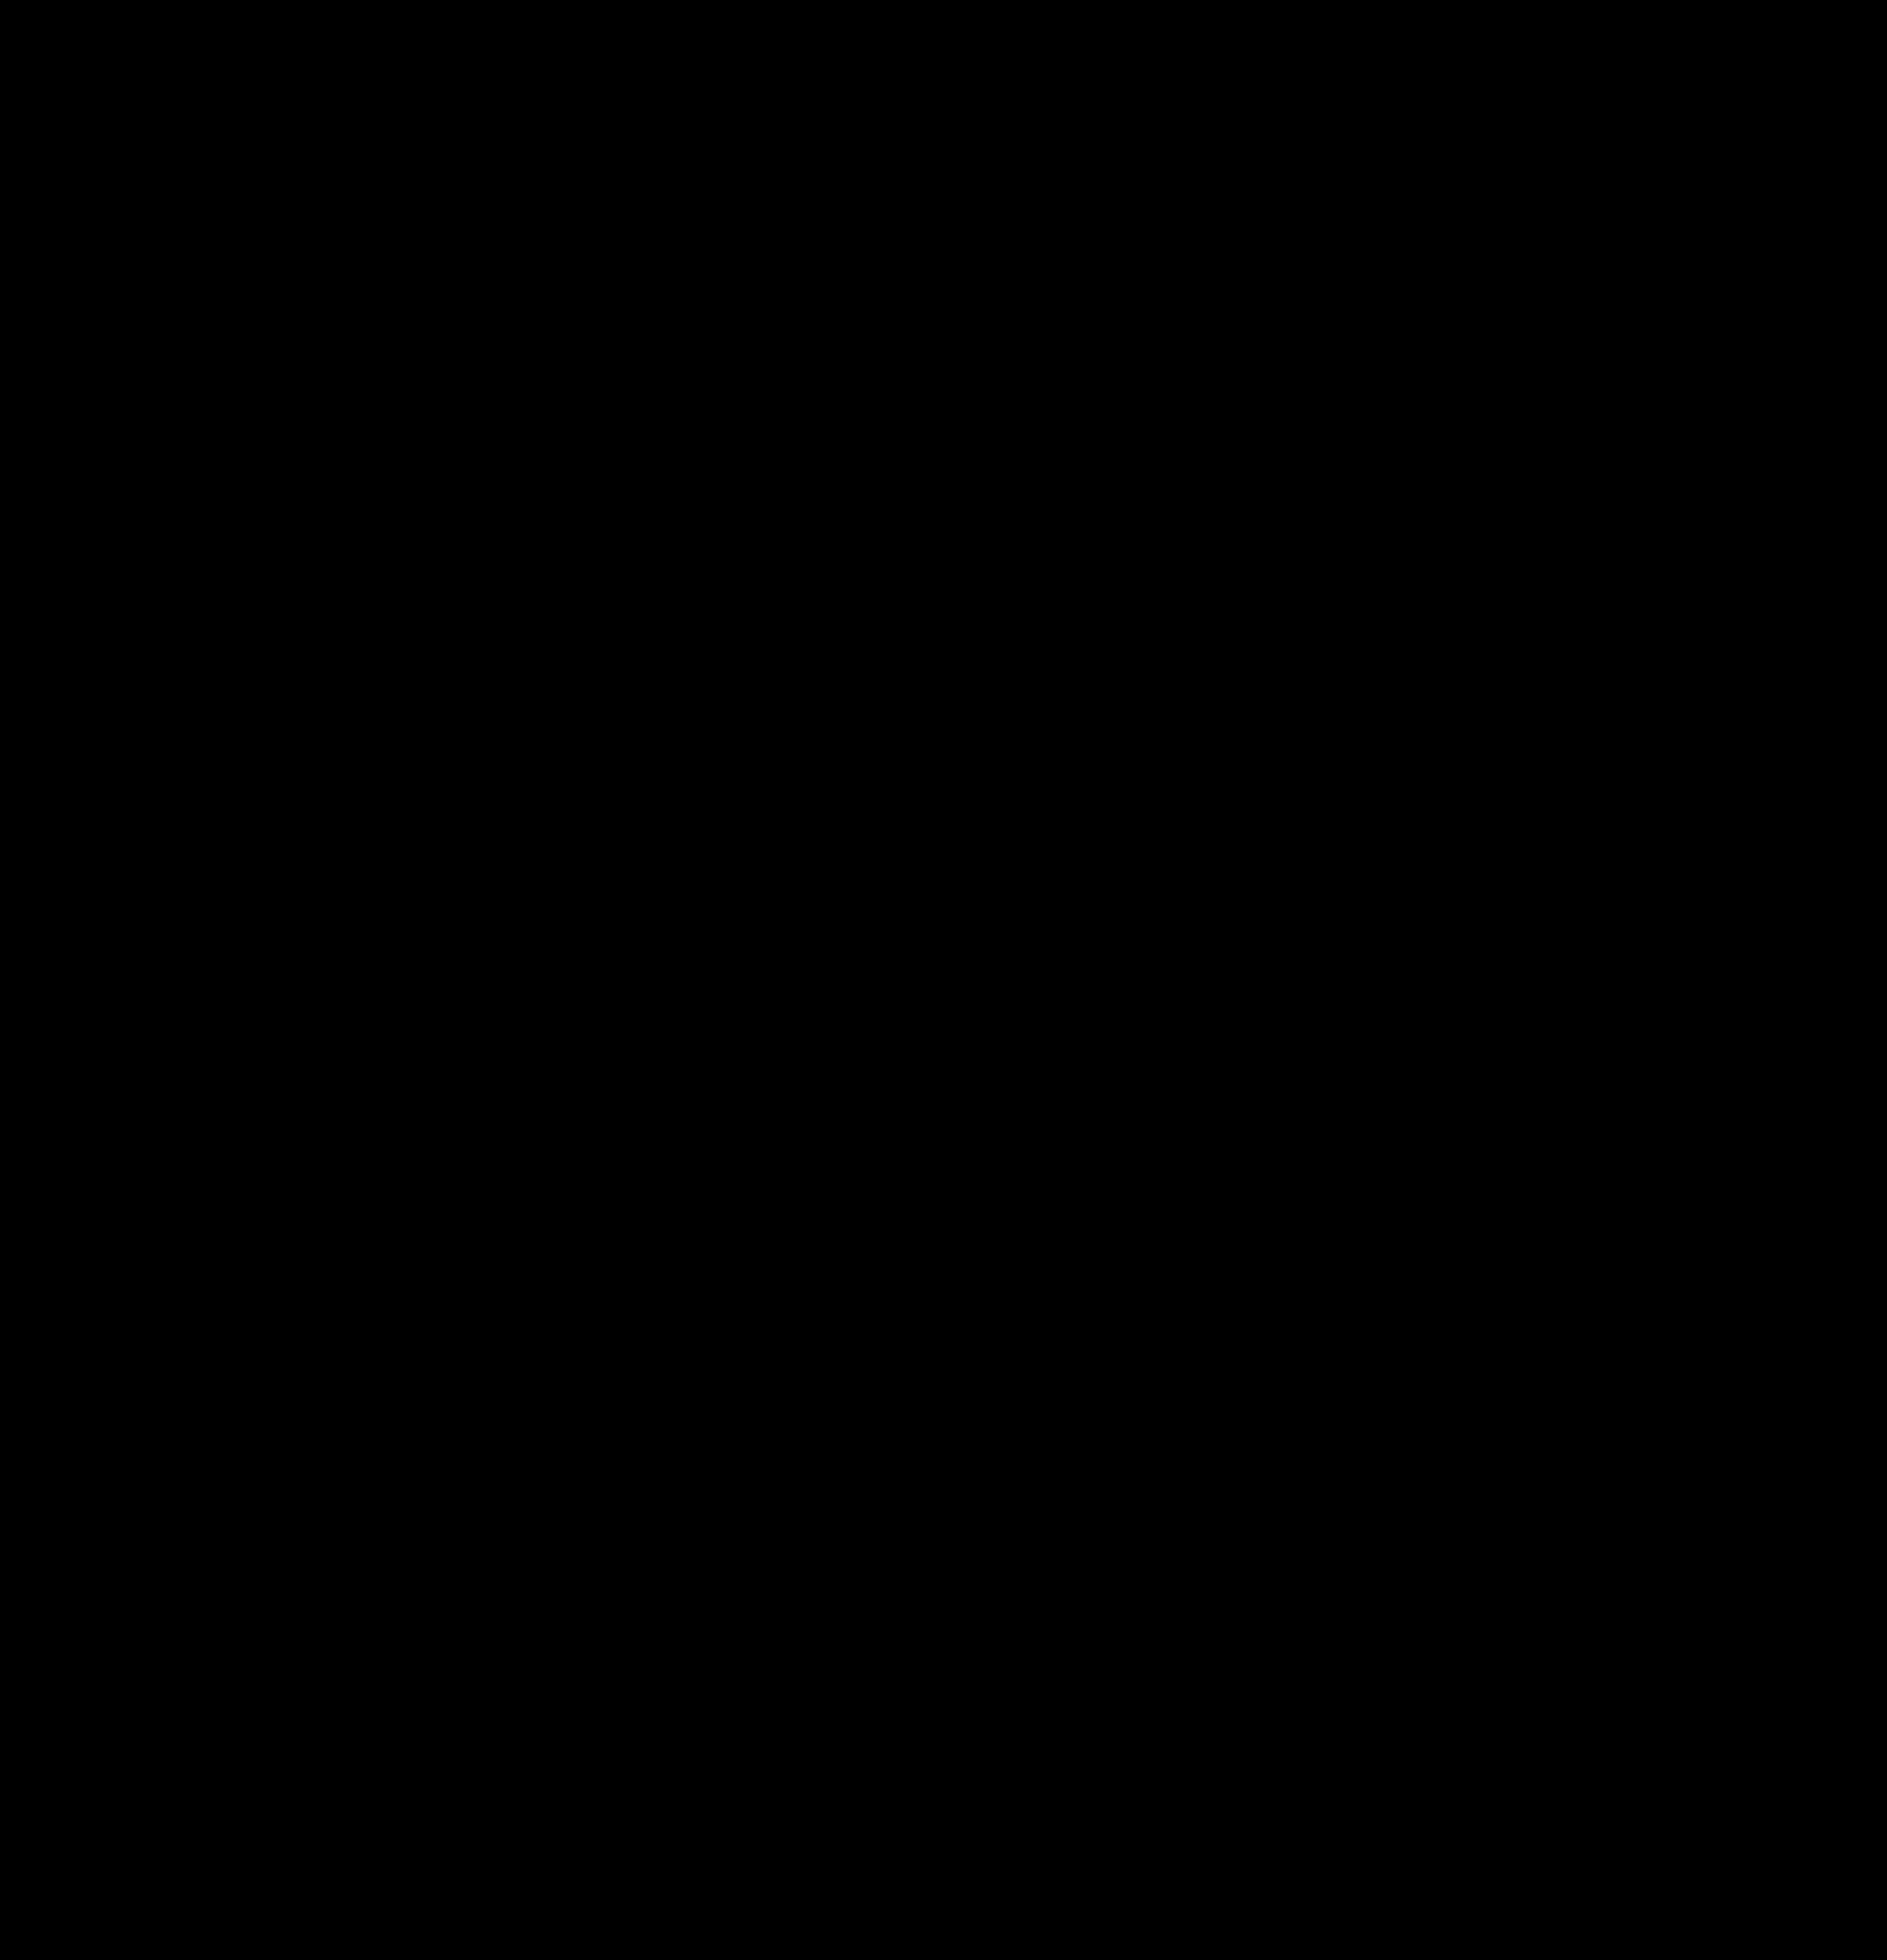 j000344_revelop_newton-village_underground-parking